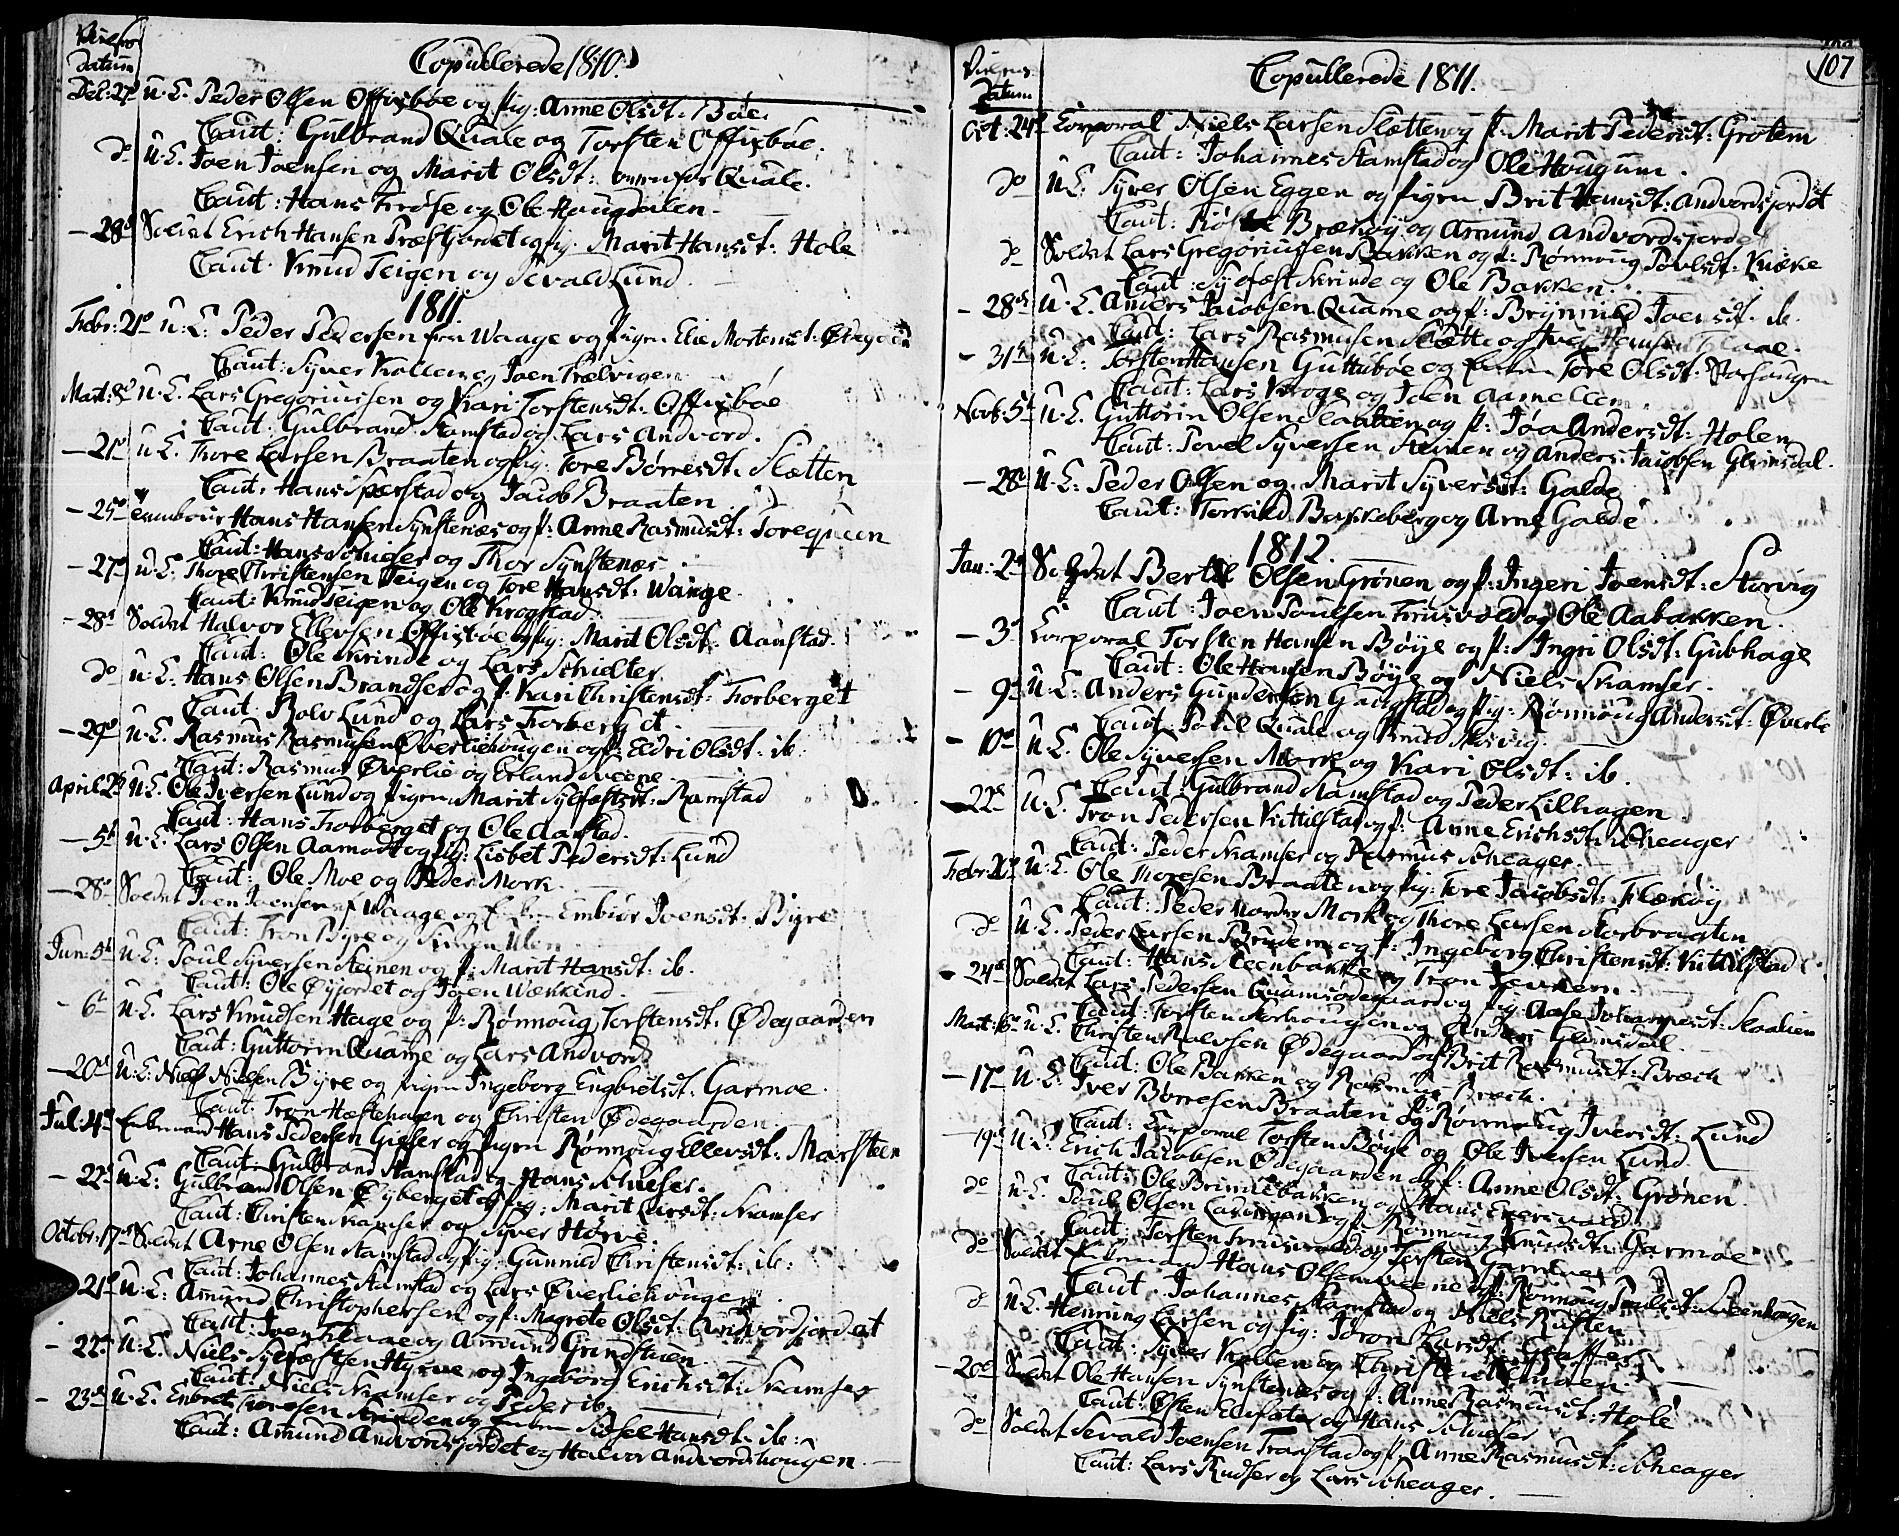 SAH, Lom prestekontor, K/L0003: Ministerialbok nr. 3, 1801-1825, s. 107